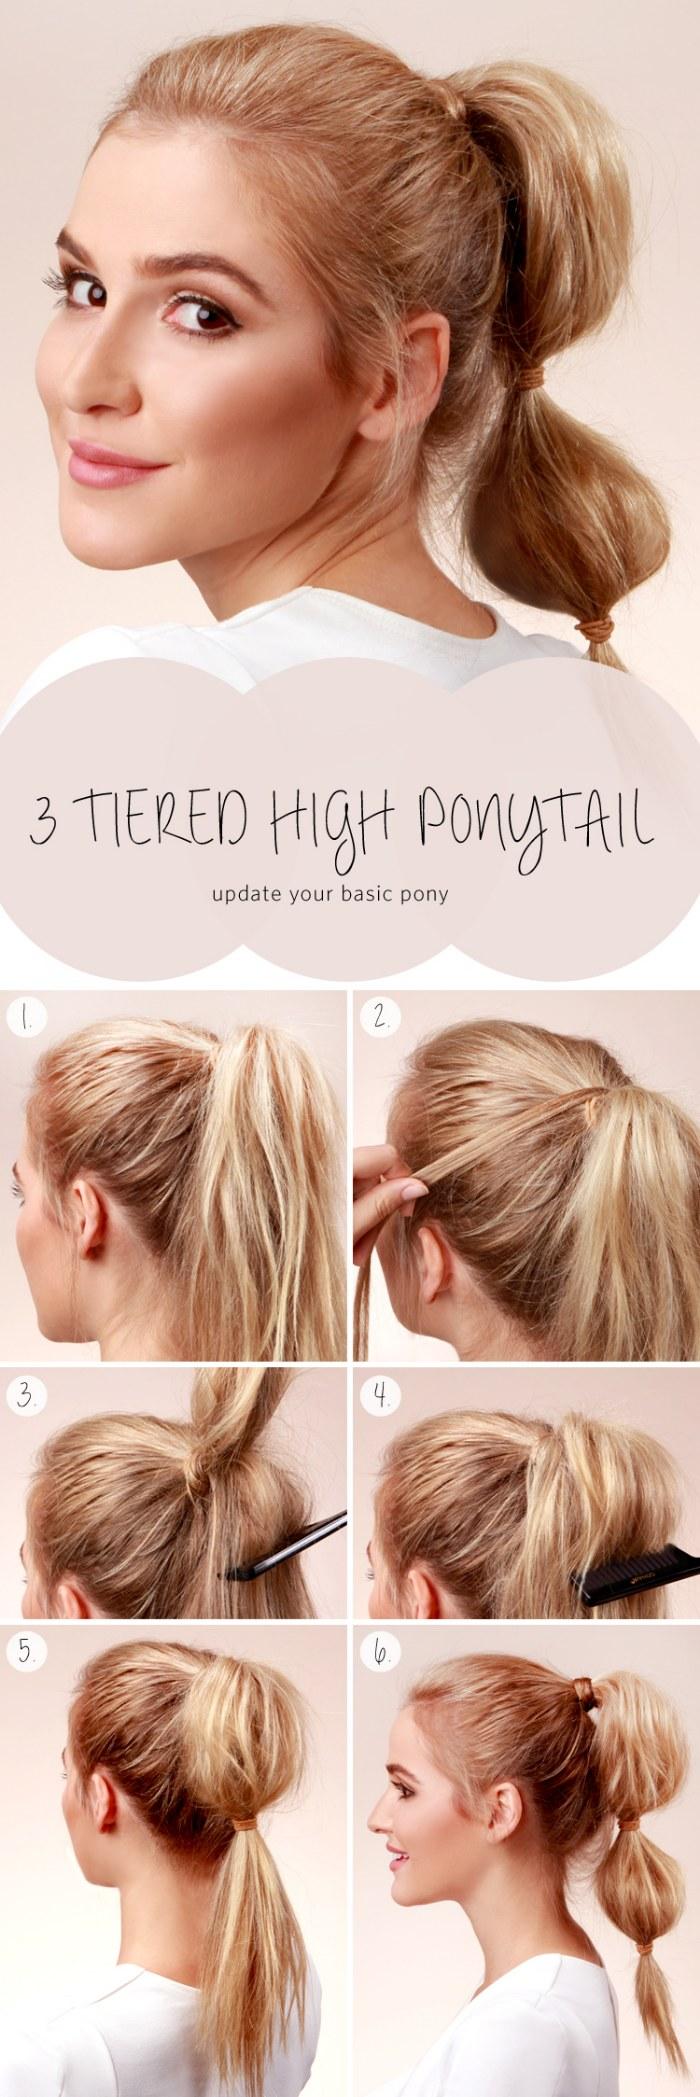 Bonito y sencillo peinados faciles y rapidos paso a paso Fotos de ideas de color de pelo - 10 tutoriales paso a paso de peinados fáciles y rápidos ...